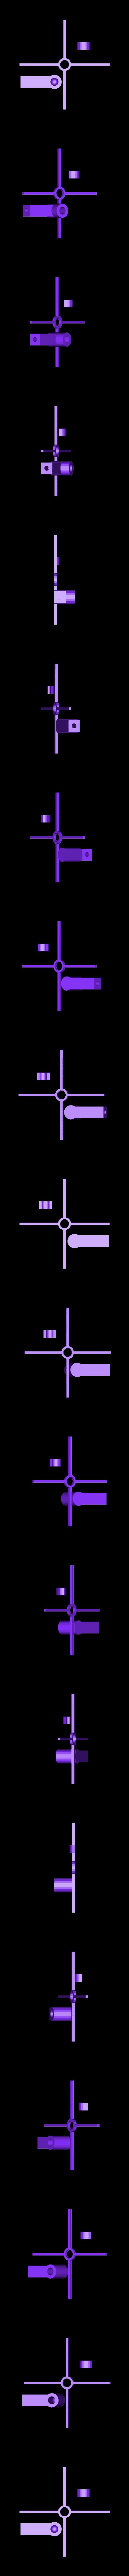 recordplayer_set_1.stl Télécharger fichier STL gratuit Lecteur vinyle coudé à la main • Design à imprimer en 3D, Tramgonce